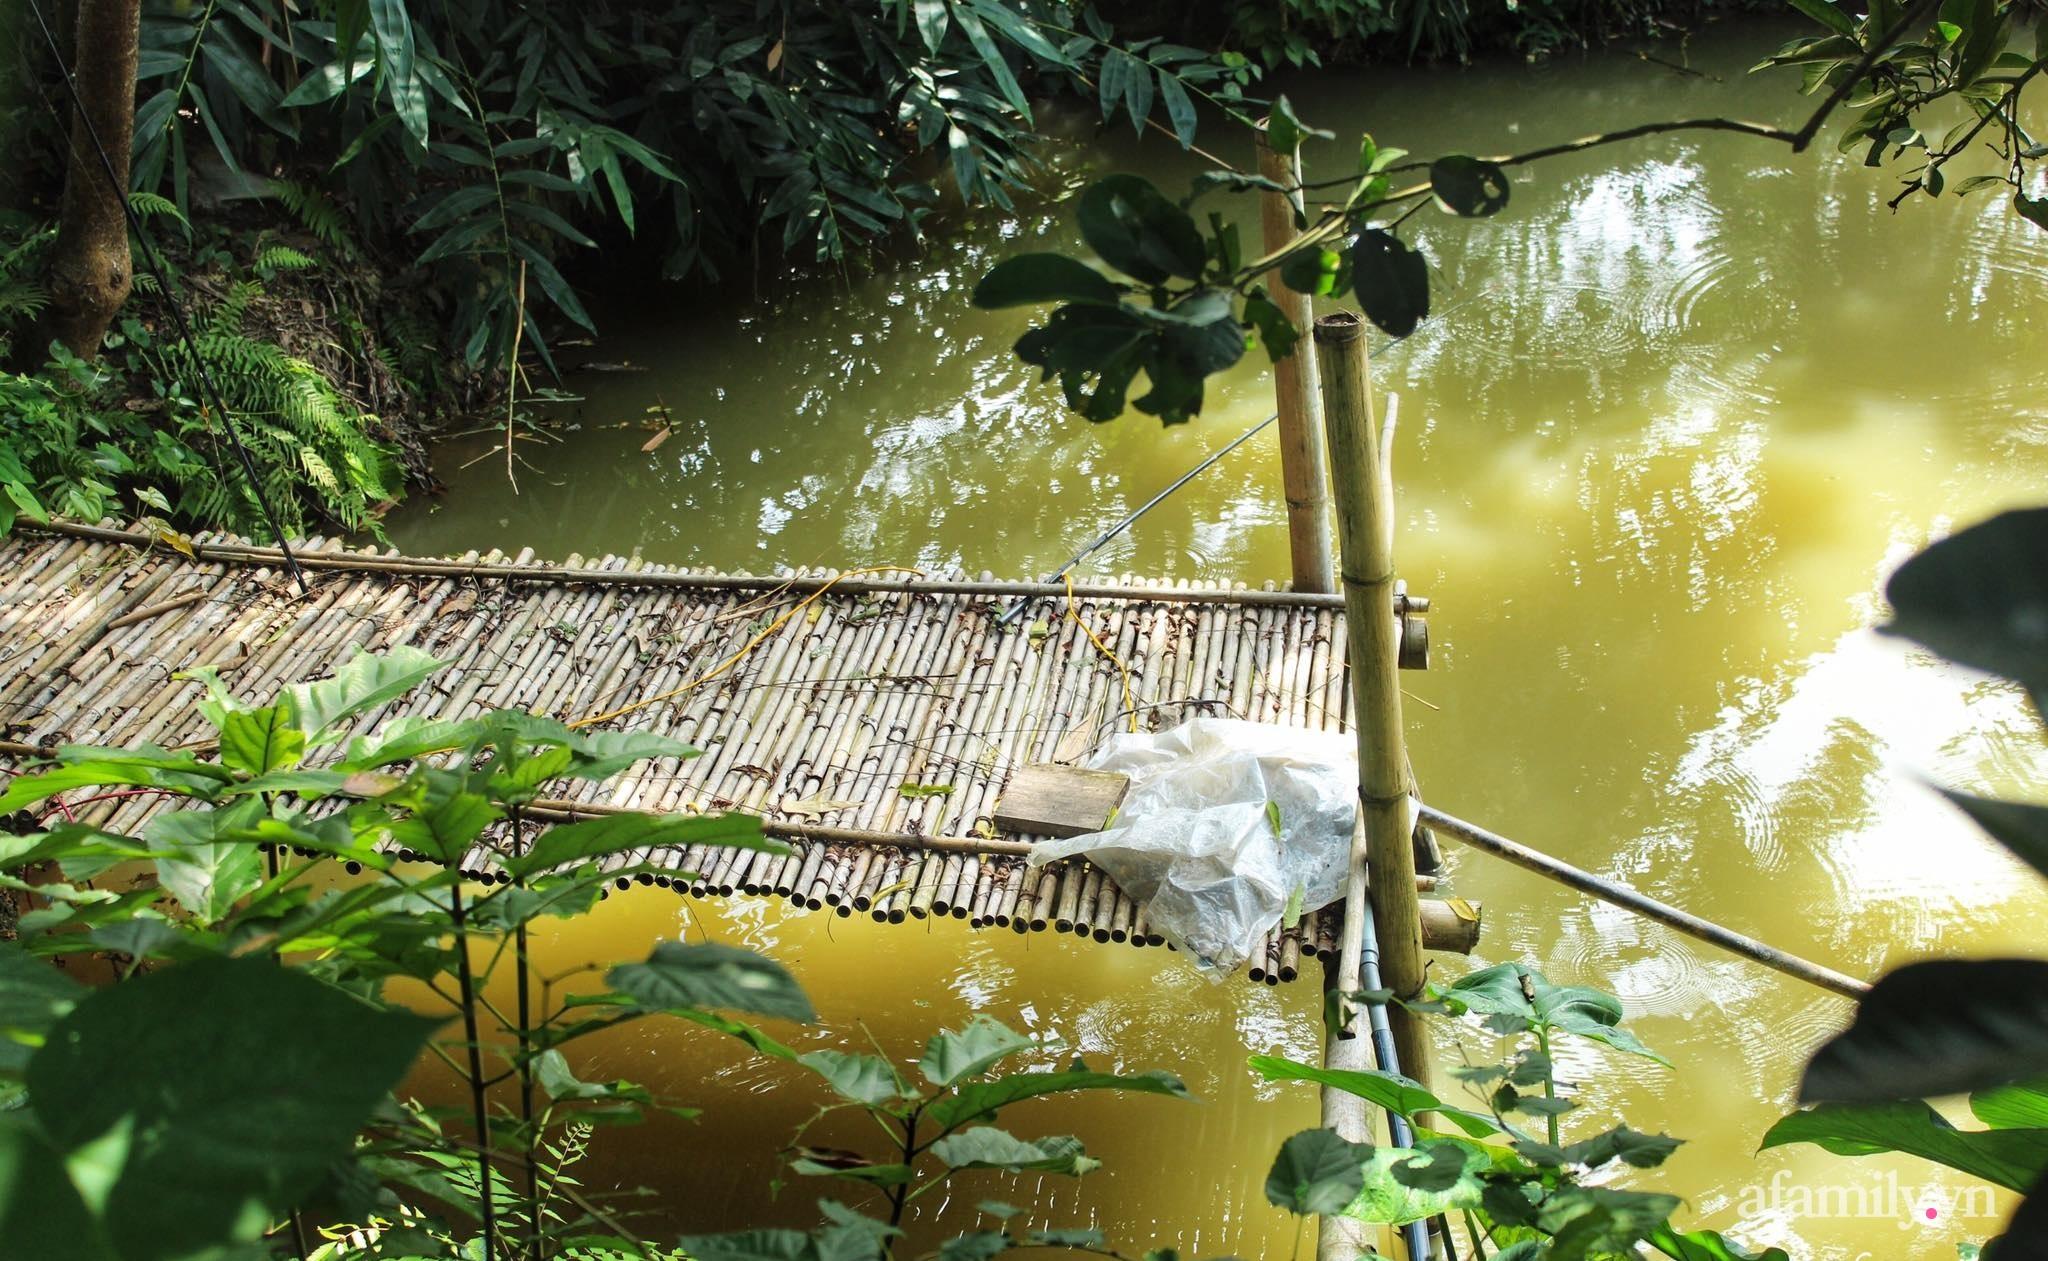 Cô gái trẻ bỏ Hà Nội phố về quê trồng rau nuôi cá, tạo không gian xanh sống cuộc đời an lành - Ảnh 10.